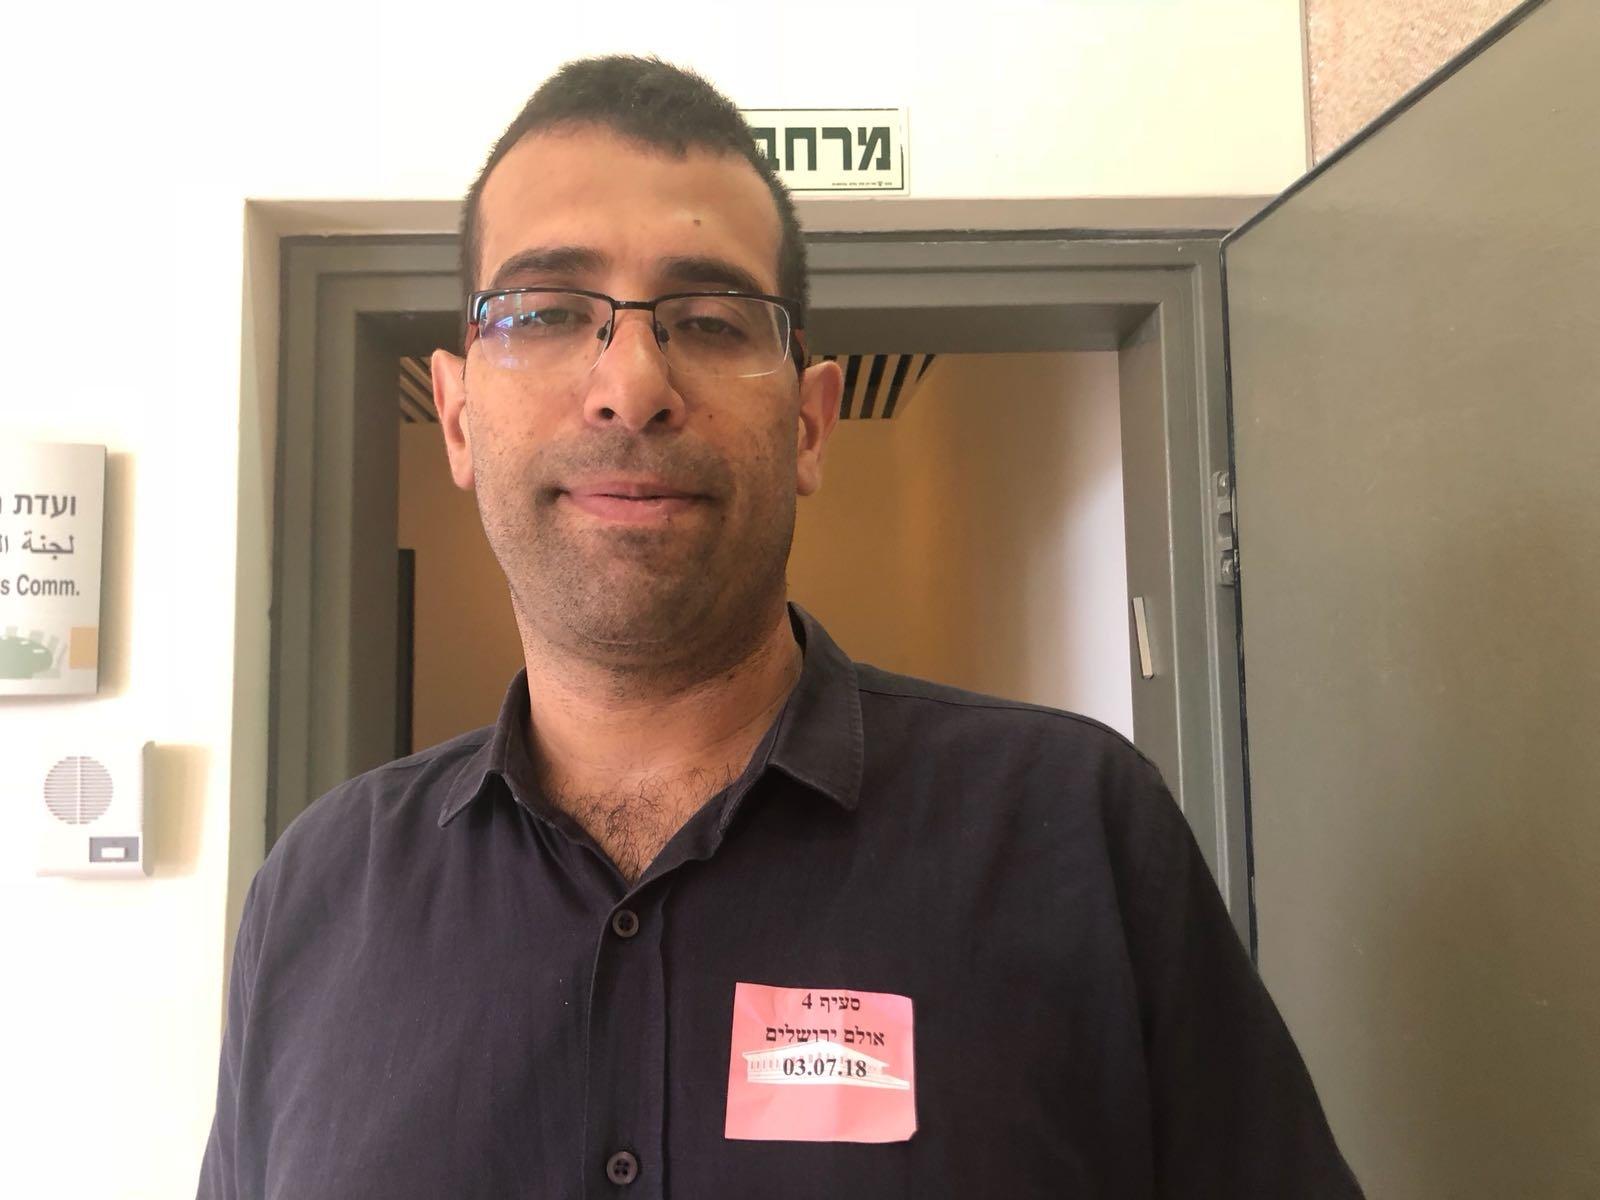 دراوشة وشبيطة لـبكرا: المجتمع اليهودي لا يبذل جهودا لمعرفة الحضارة العربيّة